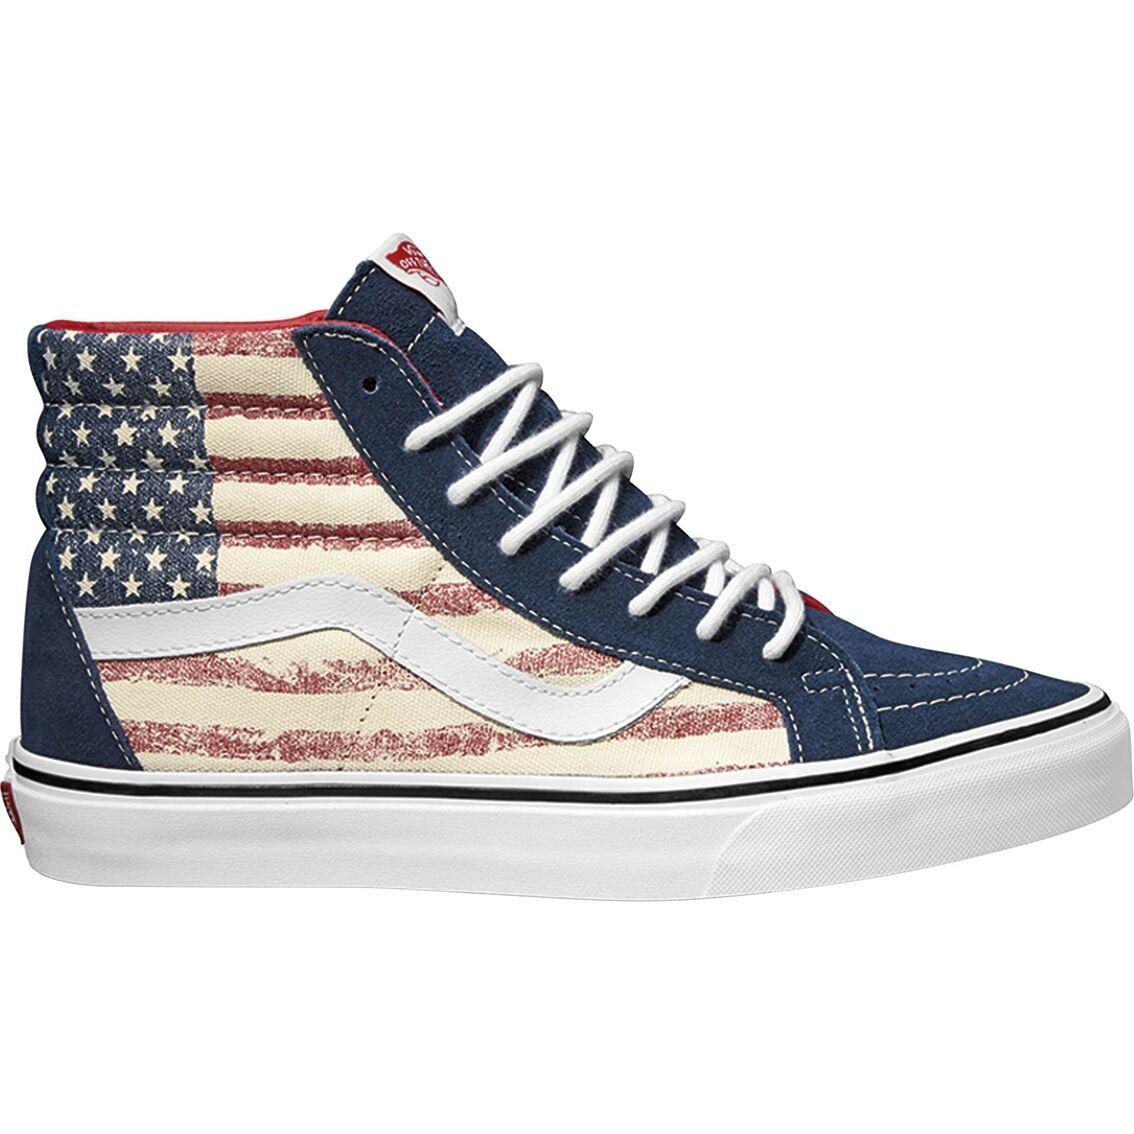 Vans SK8-Hi Hi Top Vestido azuls Americana EE. UU. Flag Para hombre Zapatos Tallas 11M Nuevo En Caja